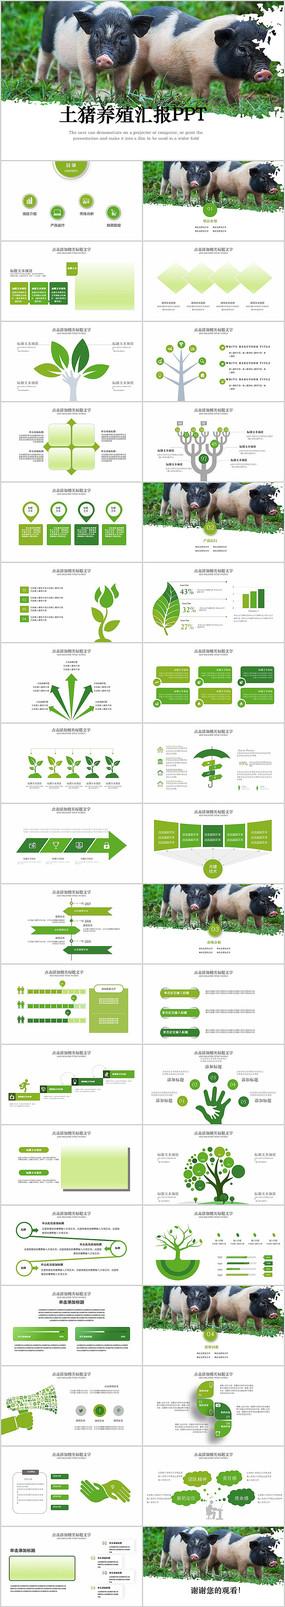 生态农业土猪养殖工作动态ppt